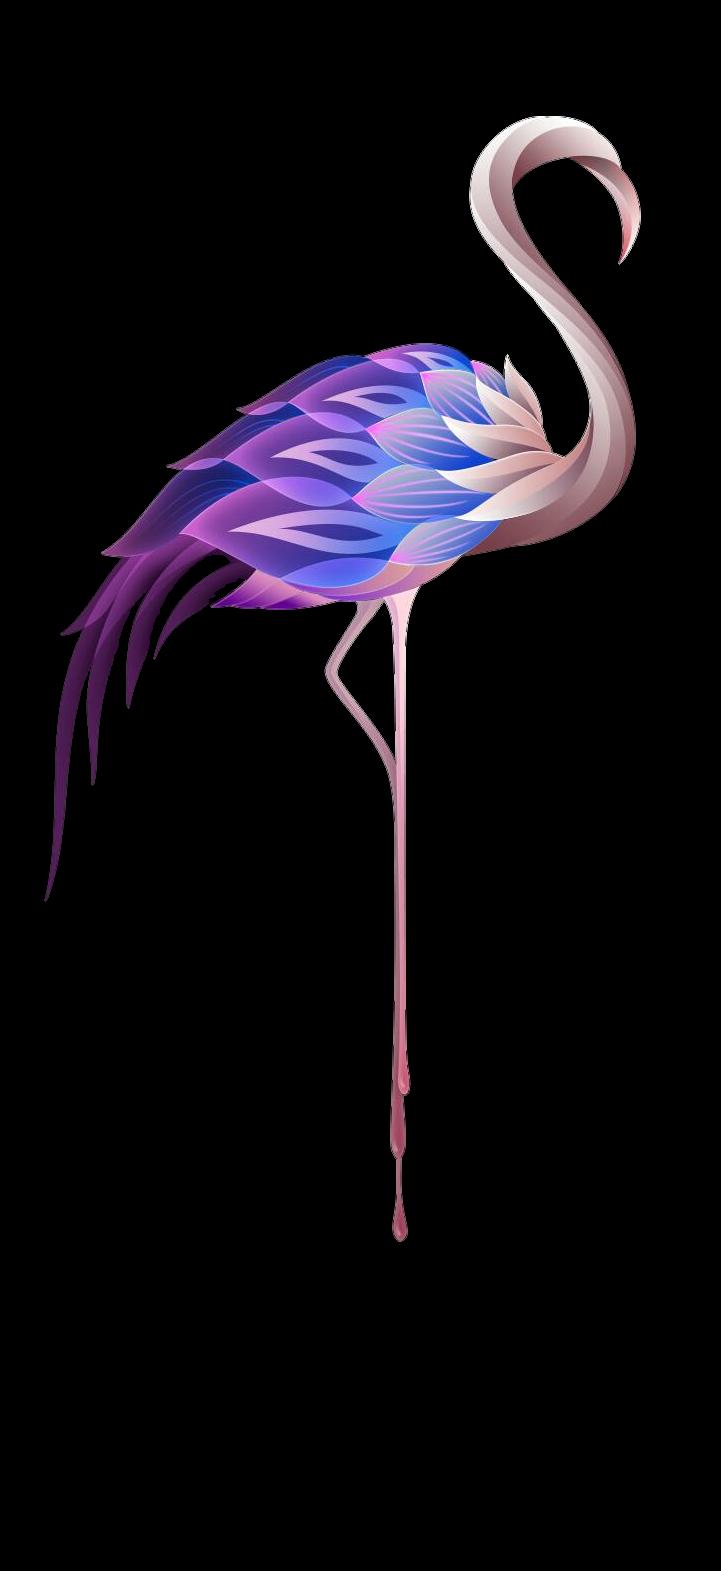 #flamingo #sticker